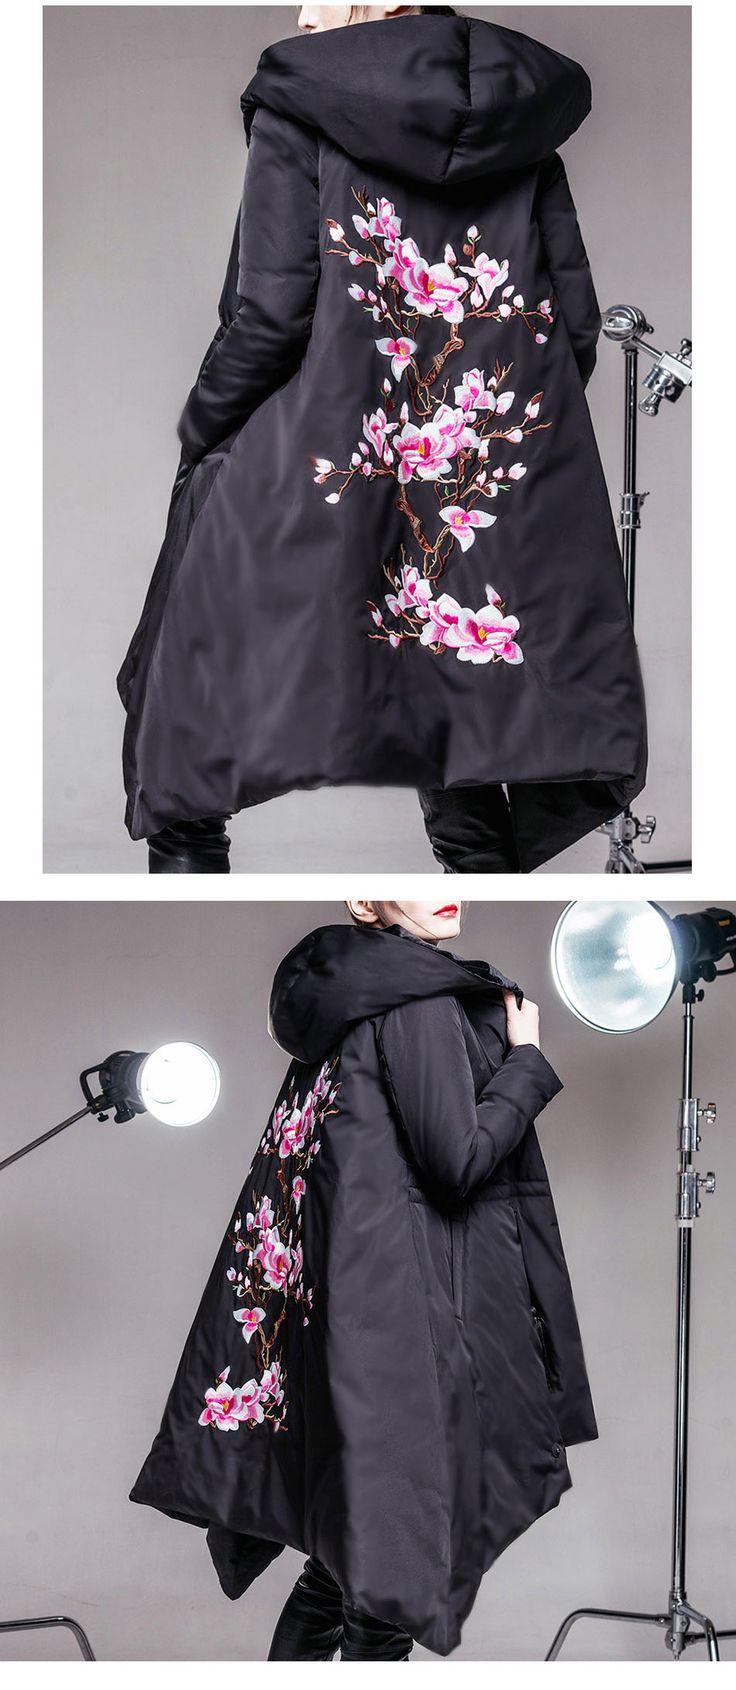 C.l.j женщин вниз пальто и парки цветение персика вышивка высокое качество бархат обратимым плащ одеяло пуховик женский купить на AliExpress